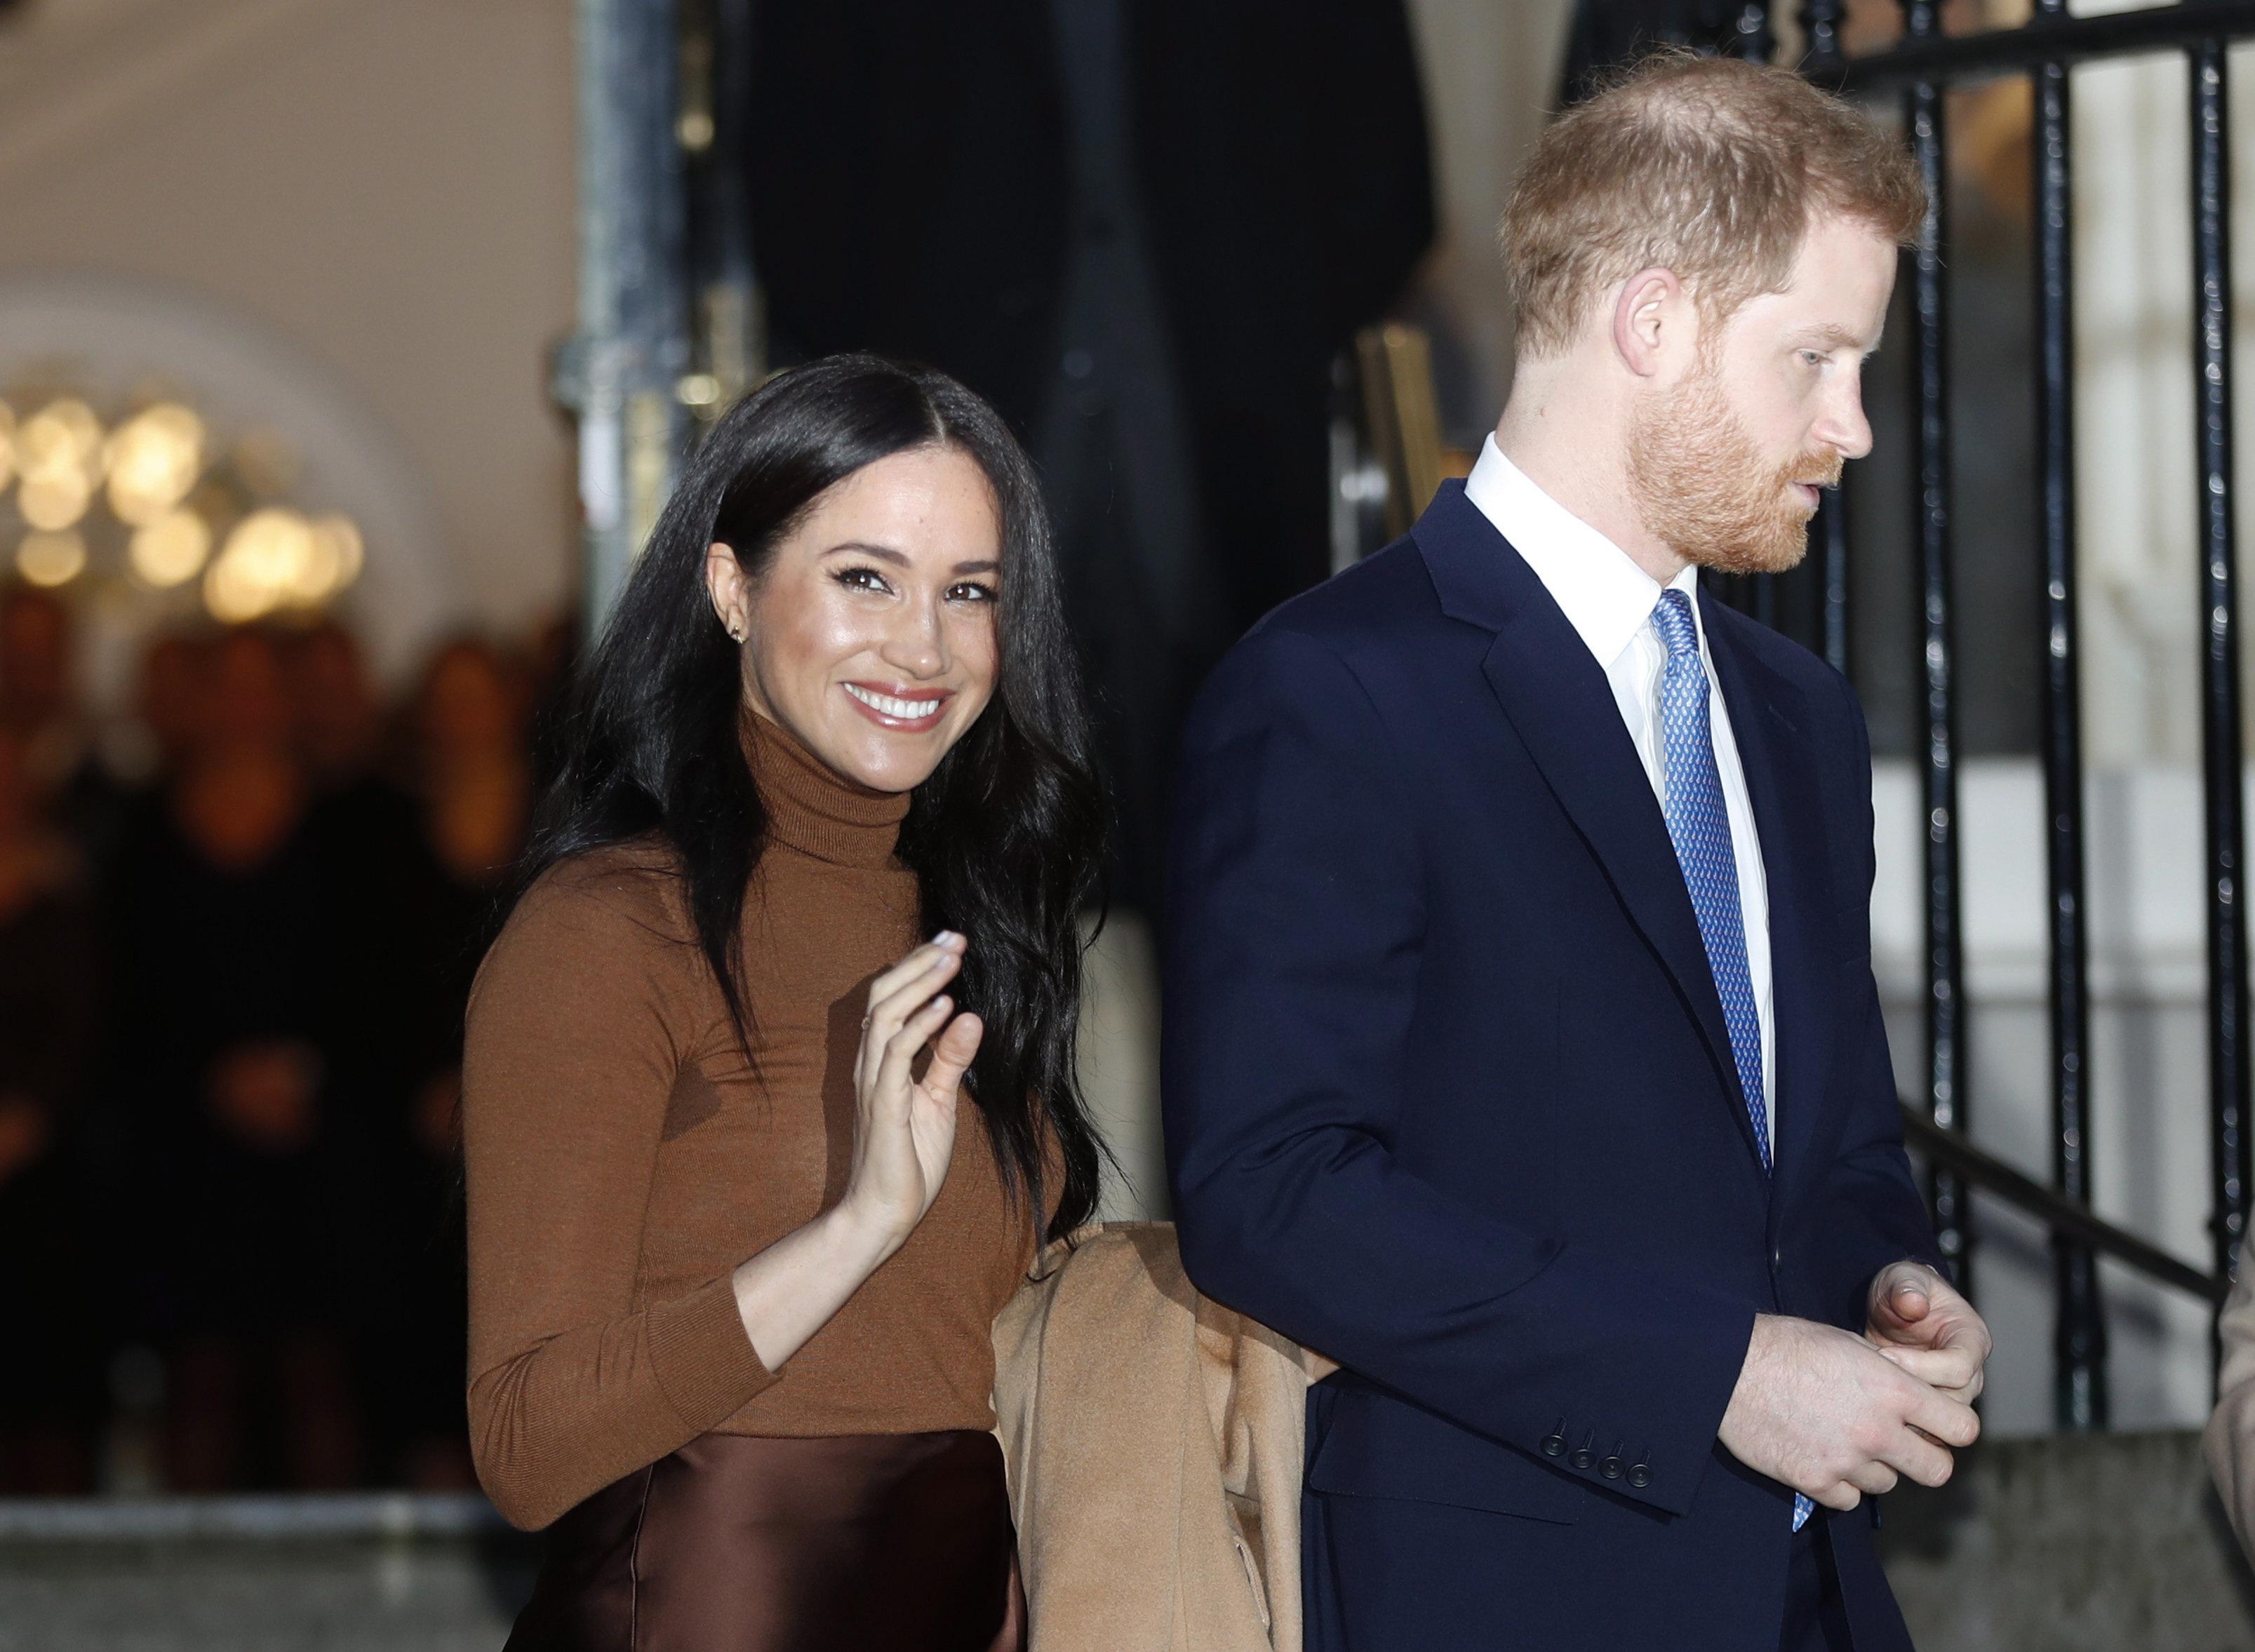 دوق ودوقة ساسكس، الأمير هاري وزوجته ميغان ماركل - (أرشيف) - AP Photo Frank Augstein / File /